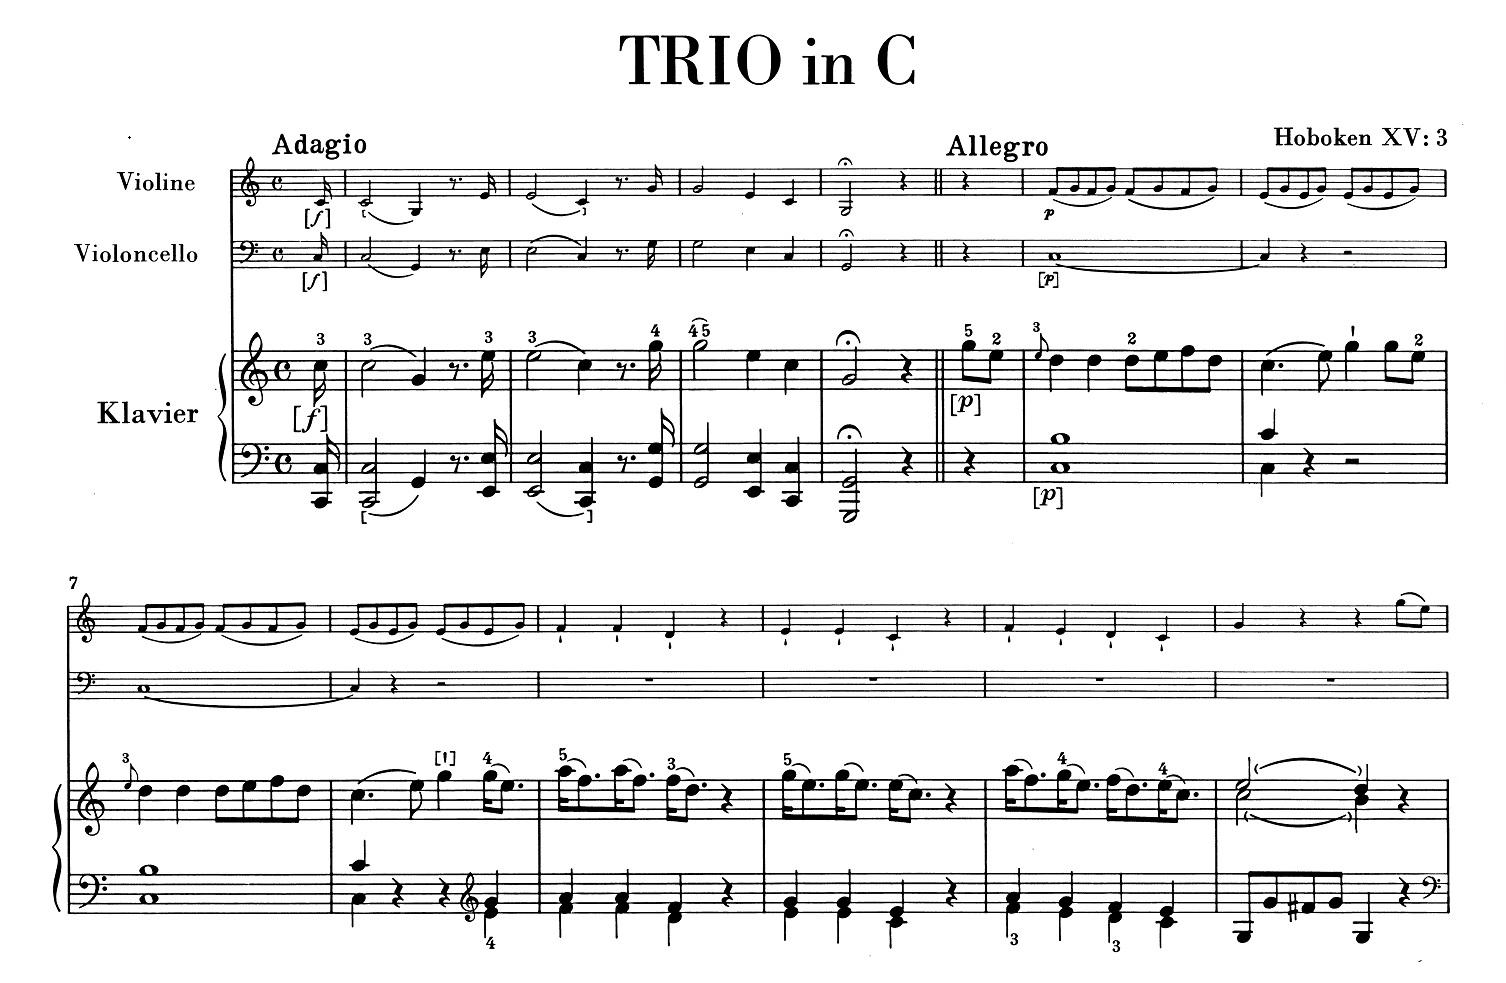 Der Beginn des 1. Trios